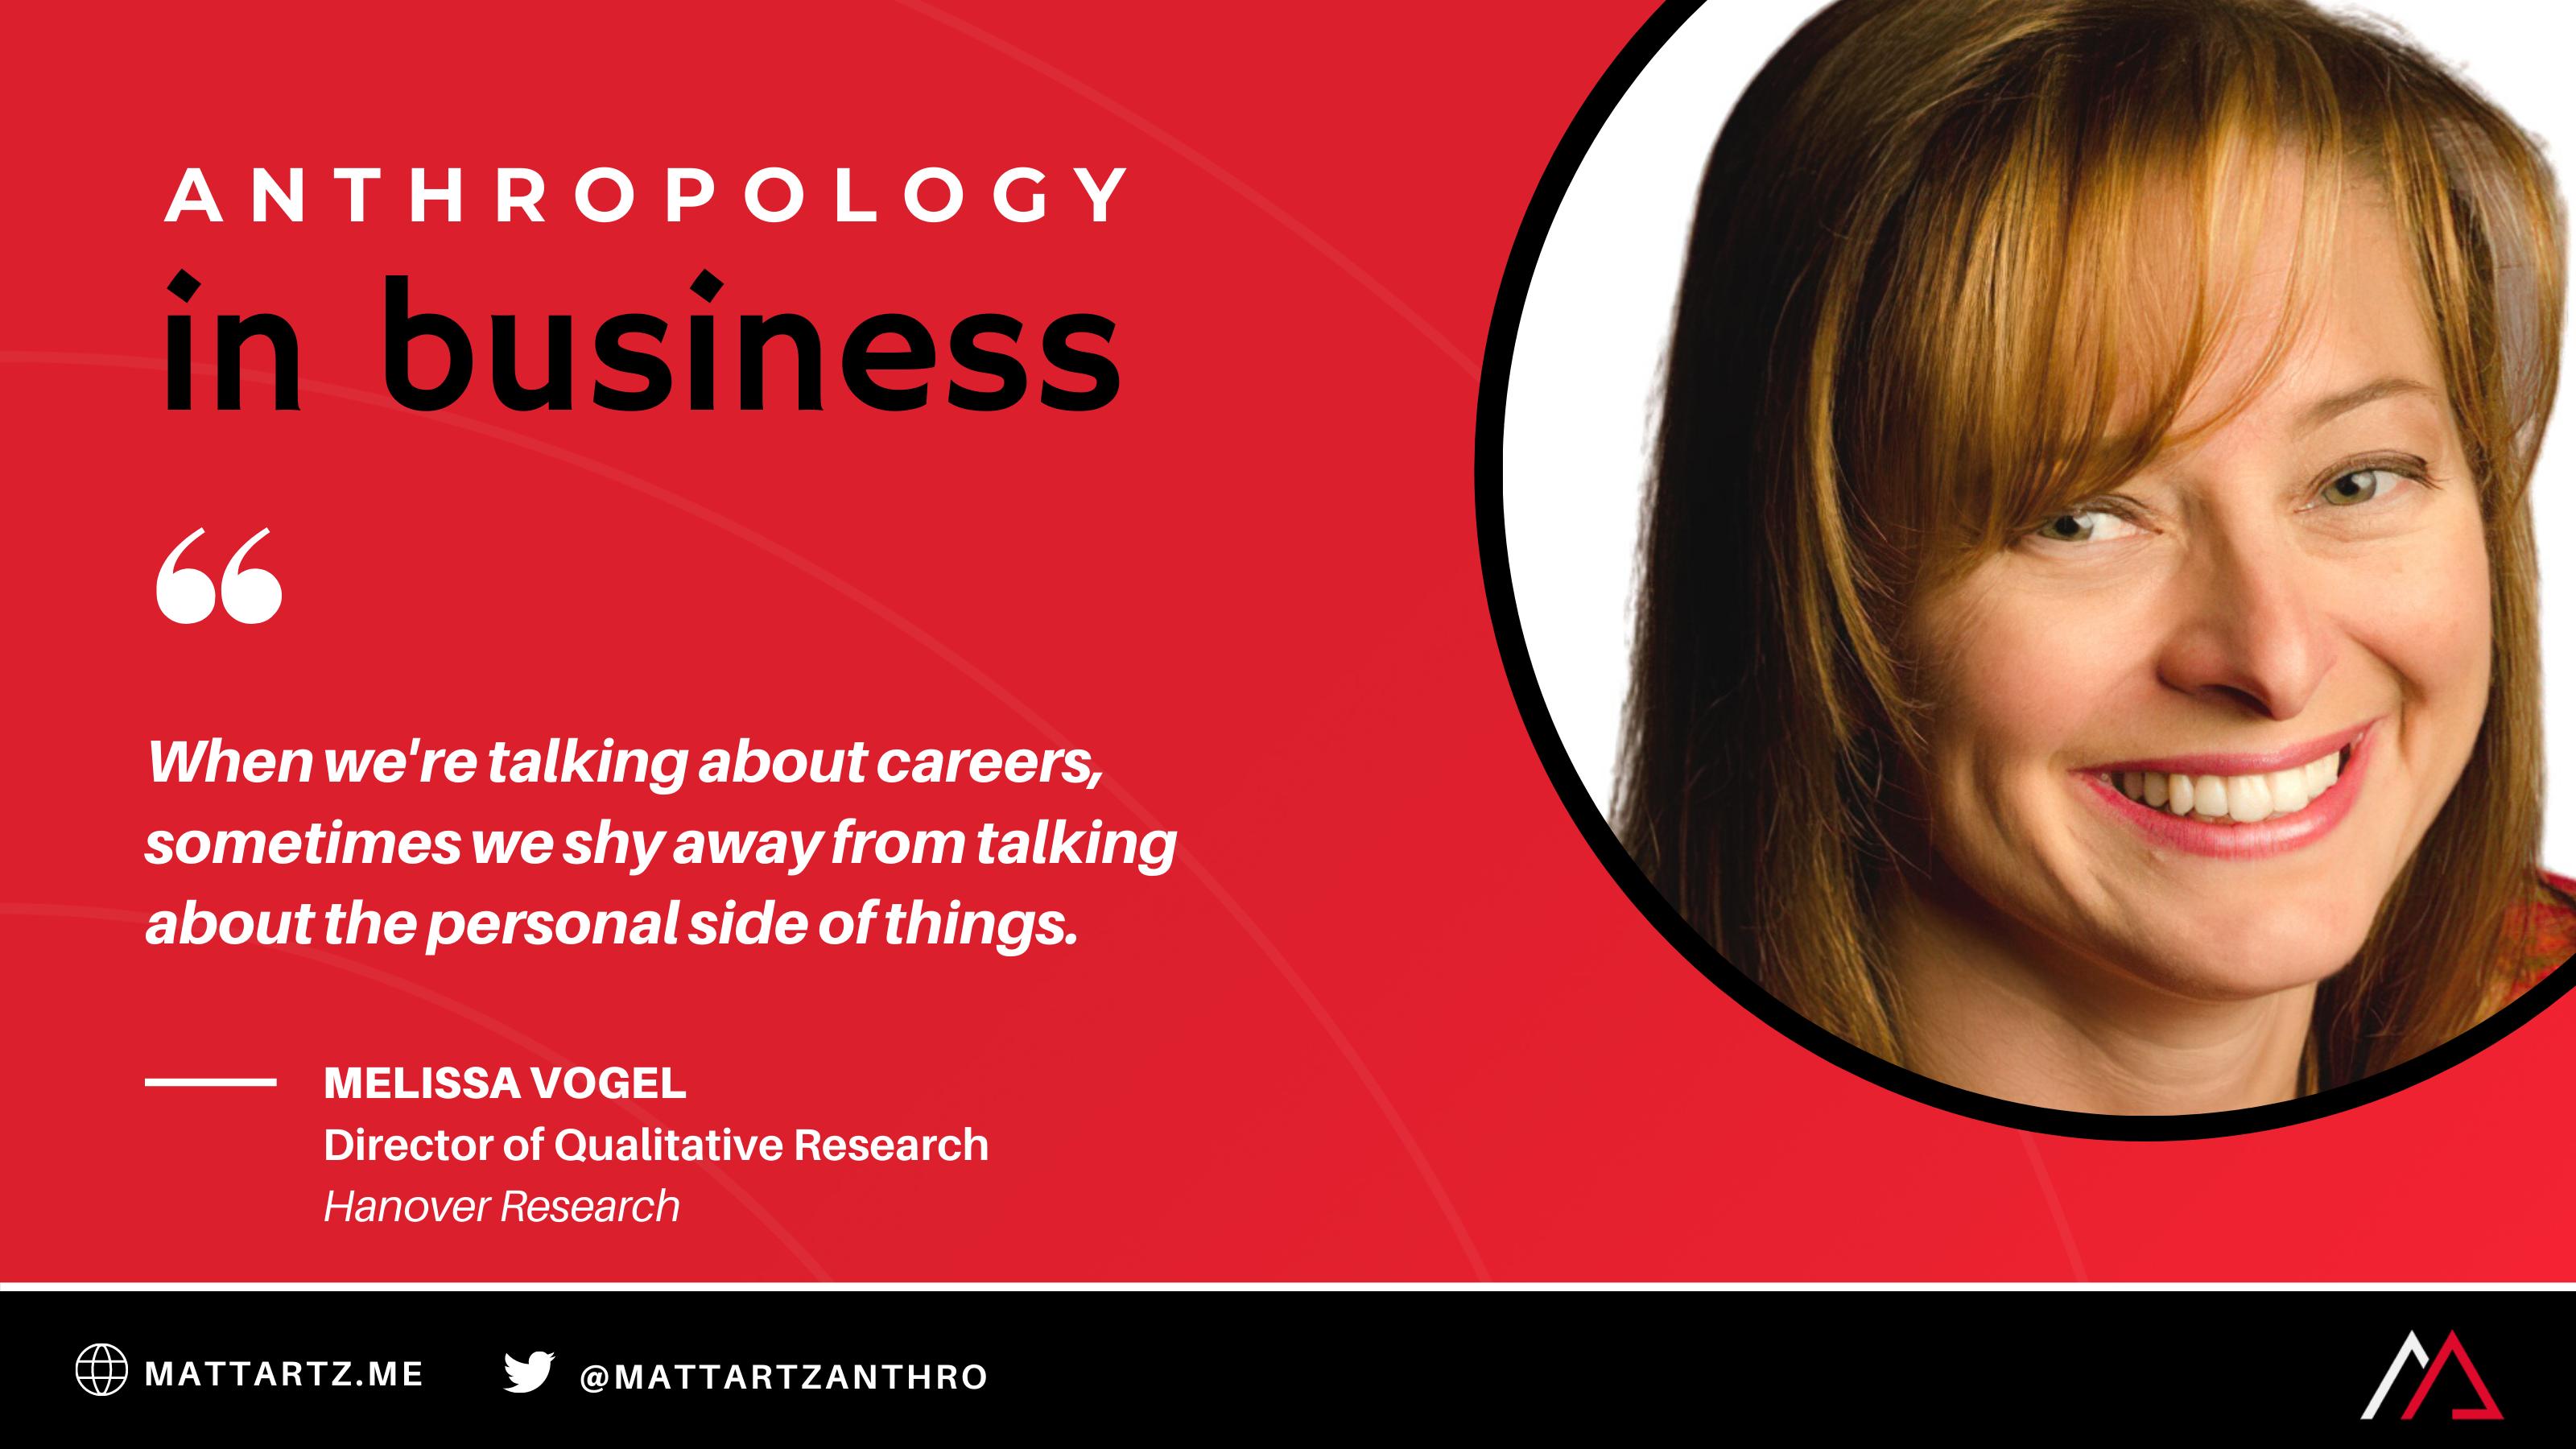 Melissa Vogel on Anthropology in Business with Matt Artz